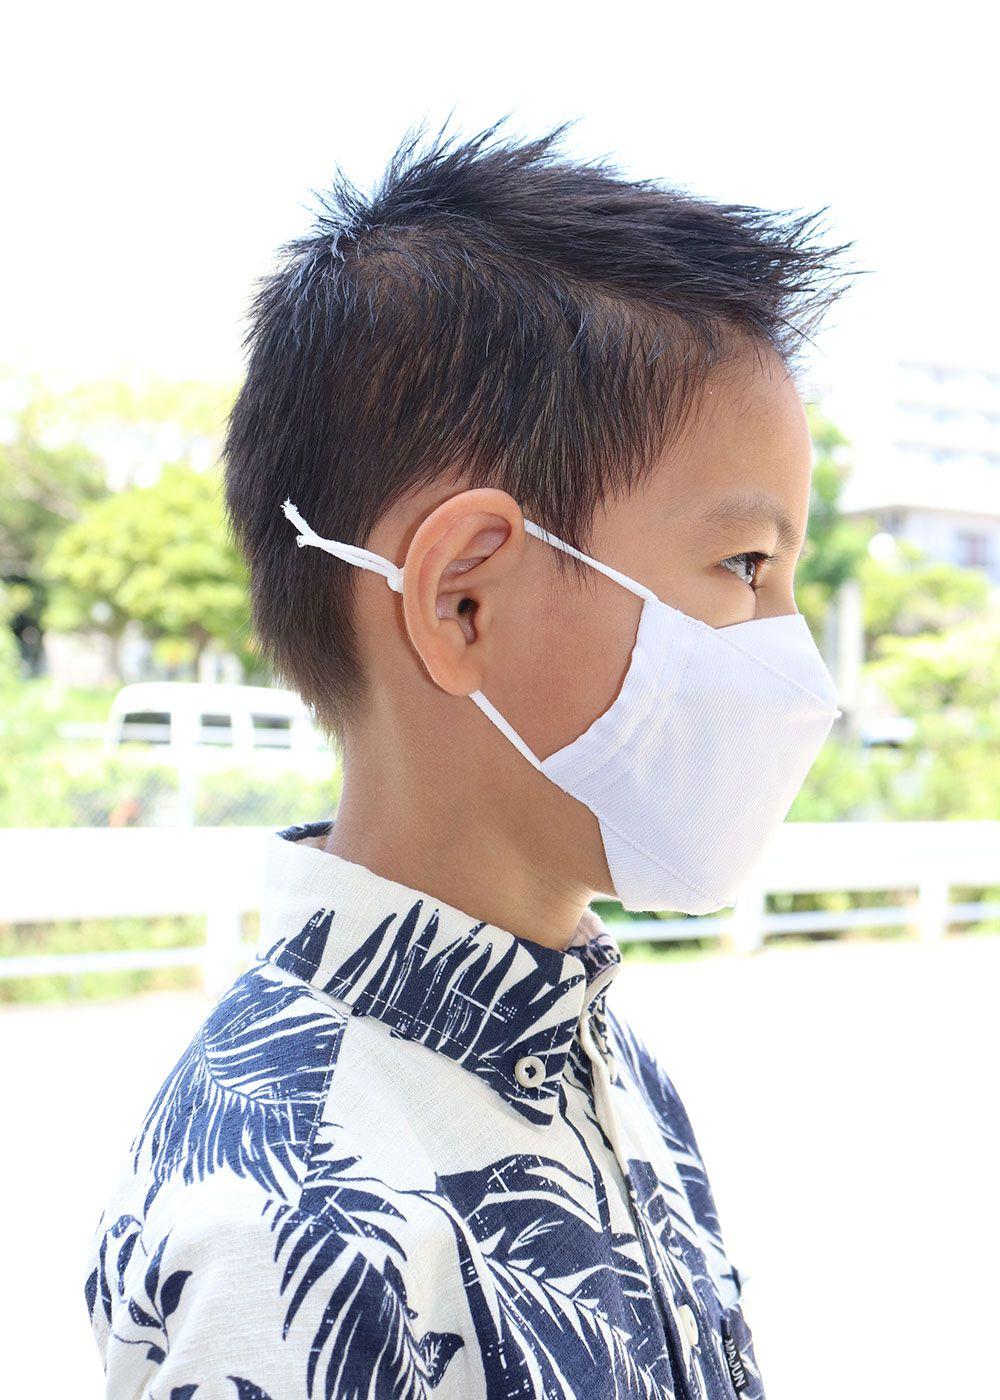 かりゆしウェア(沖縄版アロハシャツ) MAJUN - キッズ夏用布マスク無地タイプ(XS)